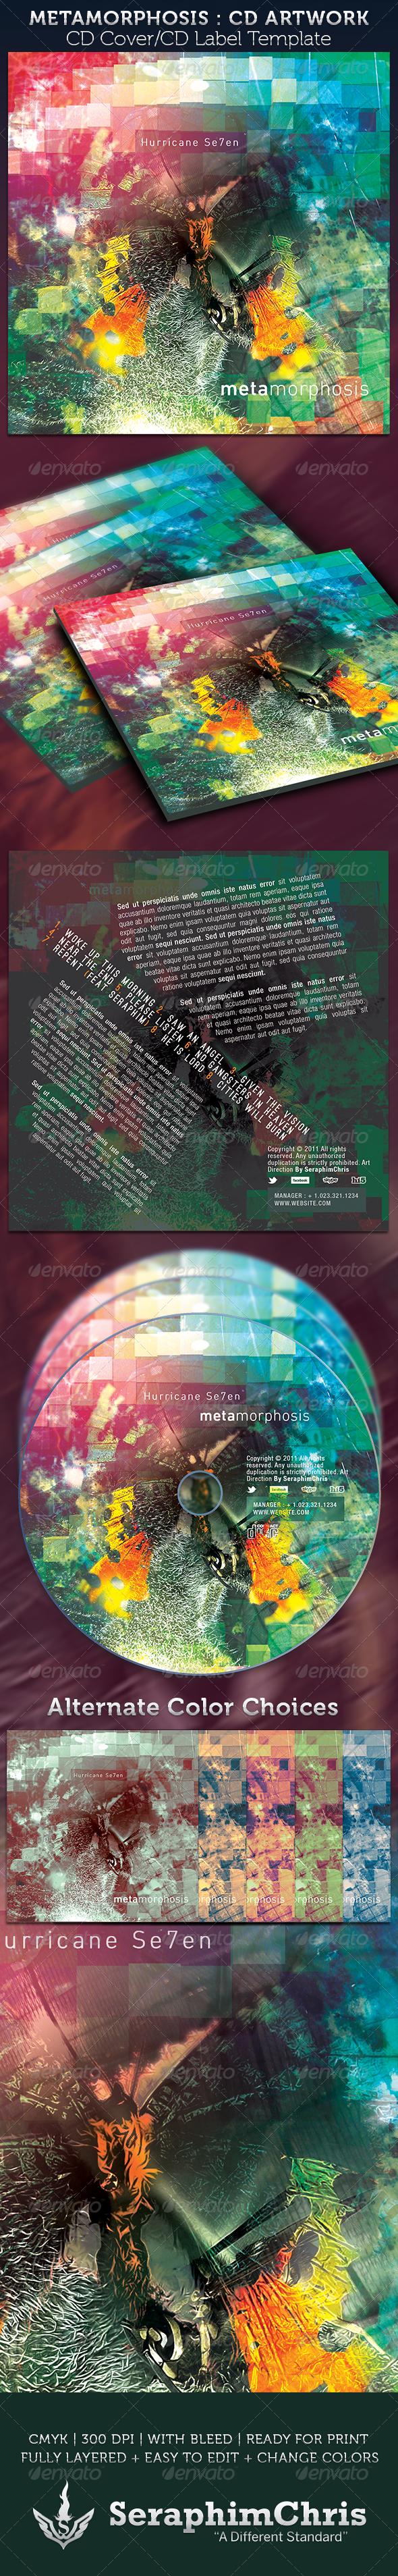 Metamorphosis CD Cover Artwork Template - CD & DVD Artwork Print Templates